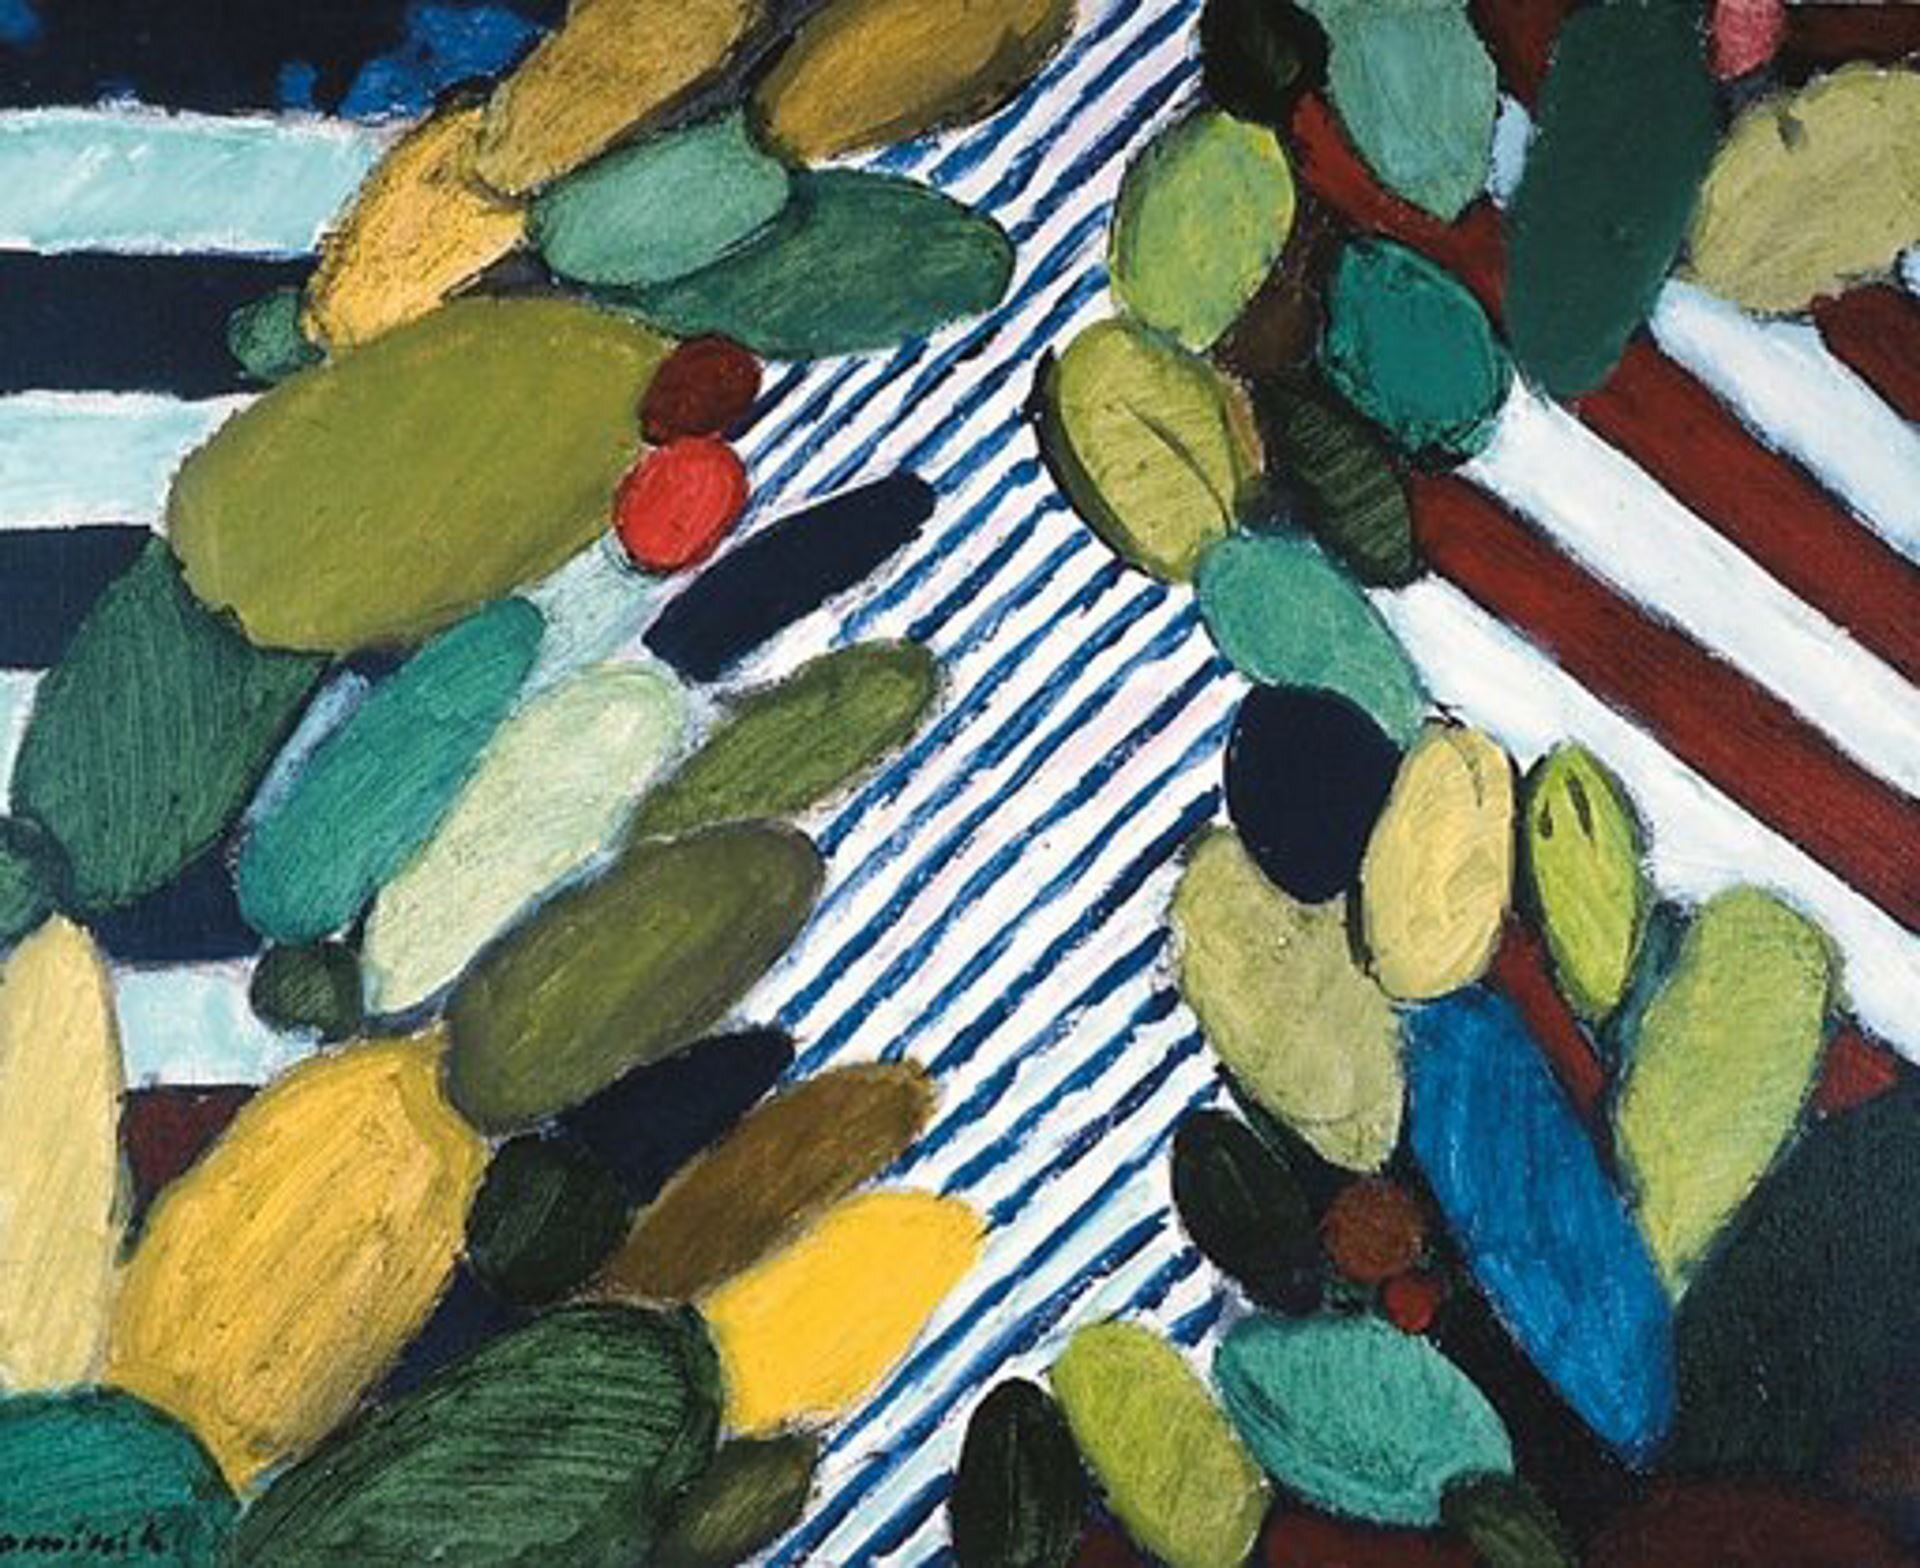 """Ilustracja przedstawia obraz """"Pejzaż"""" Tadeusza Dominika. Jest to widok na krajobraz zlotu ptaka. Pośrodku znajduje się rzeka, przedstawiona za pomocą ukośnych niebieskich linii na białym tle. Po jej obu stronach znajdują się owalne plamy, sugerujące korony drzew, są wśród nich: różne odcienie zieleni, żółcieni, ale także plamy niebieskie iczarne. Po lewej stronie przestrzeń wypełniają poziome, szerokie niebiesko-białe pasy, natomiast strona prawa to pasy skośne, biało-czerwone."""